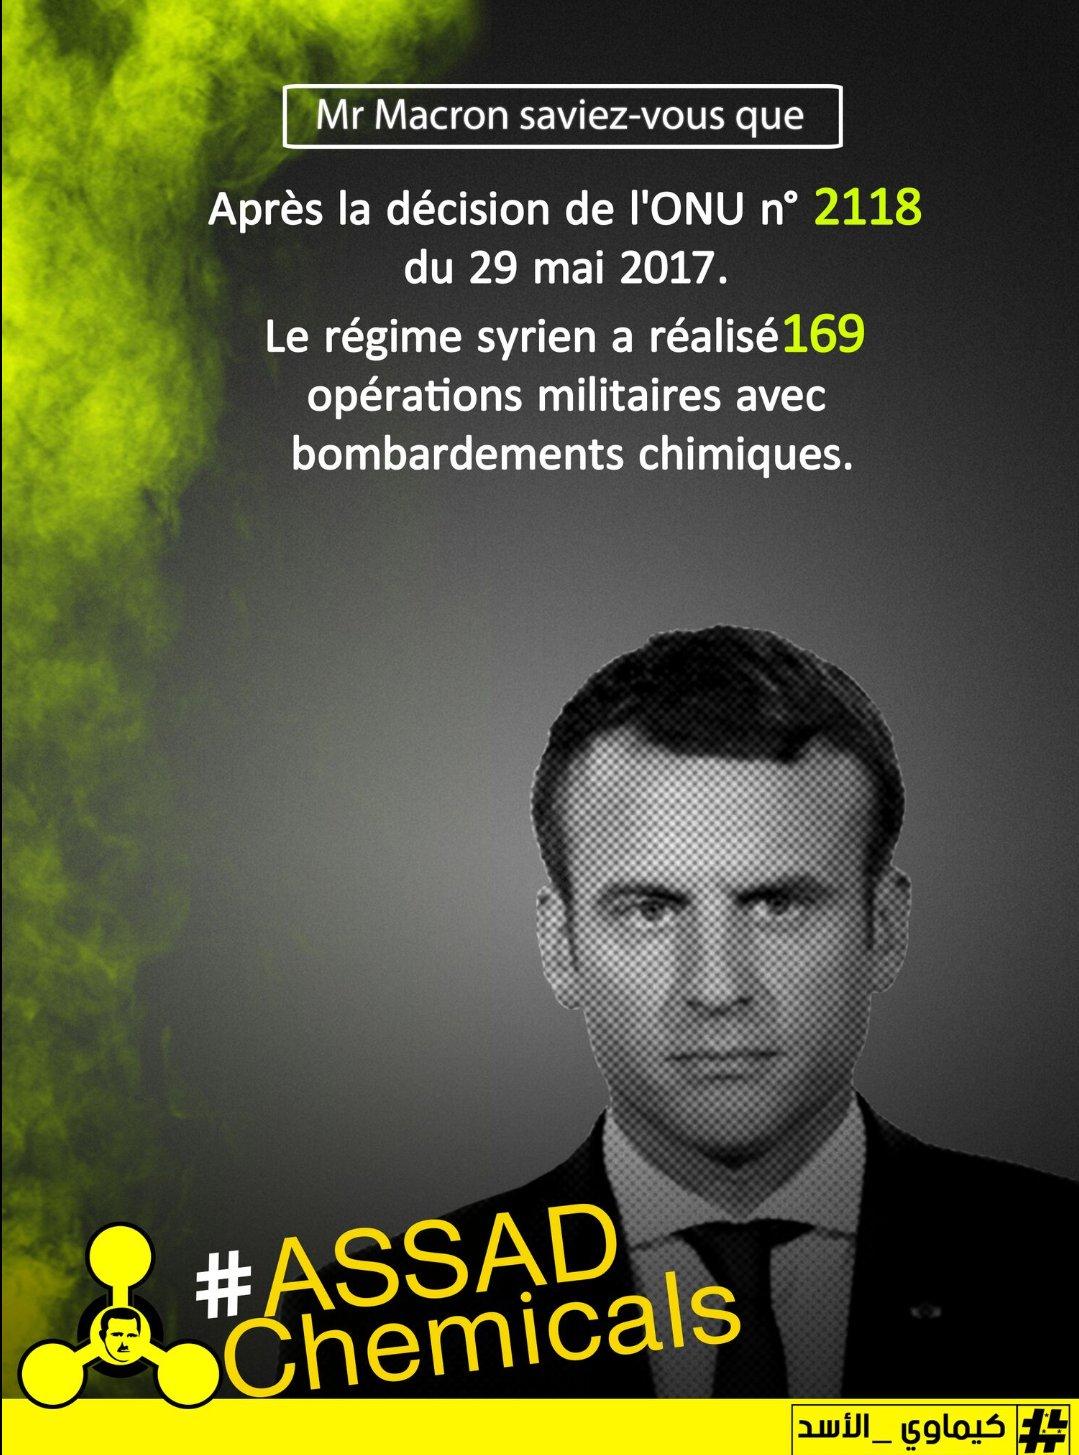 .@EmmanuelMacron La #France doit intervenir pour rendre justice en #Syrie aux 1477 morts gazés. #AssadChemicals☢ https://t.co/94U32hZJqD